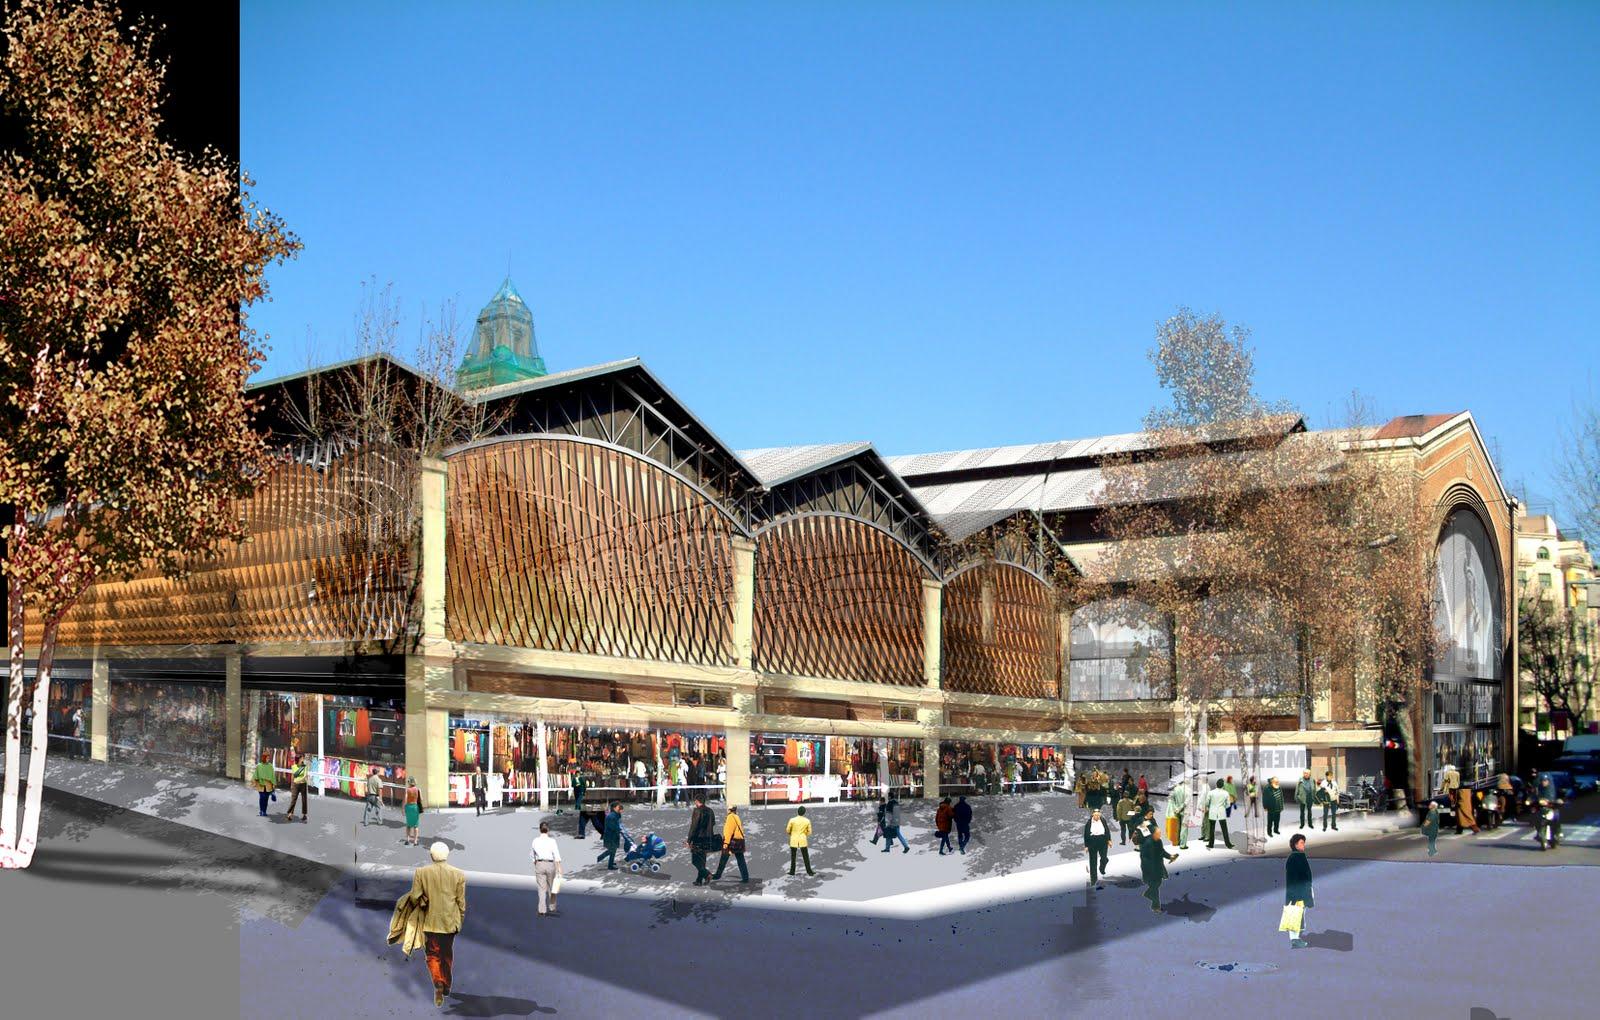 Remodelaci n del mercado de ninot de mateo arquitectura for Blog arquitectura y diseno